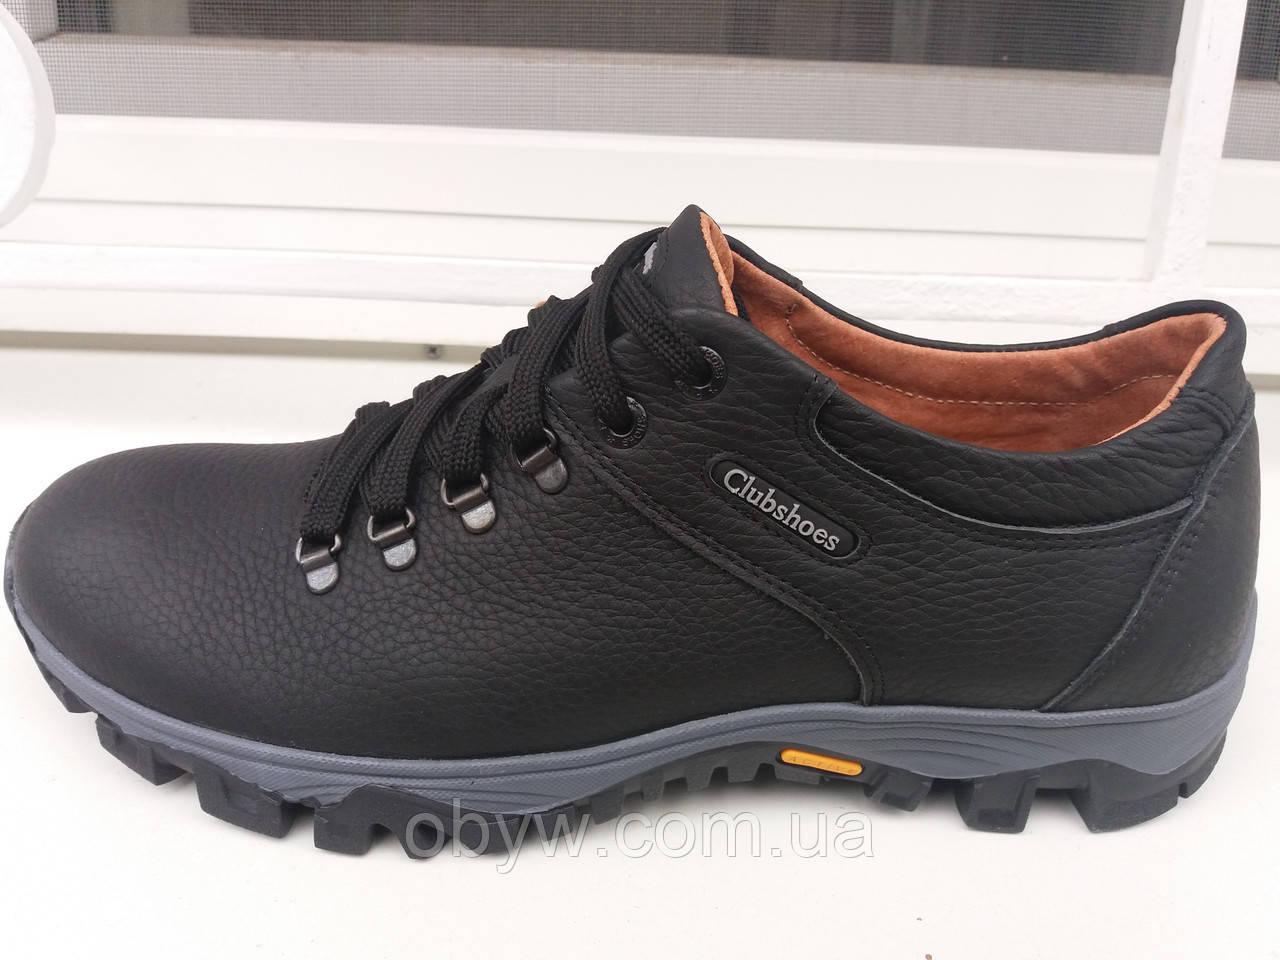 7a112c872 Весенняя мужская обувь Cаlаmbia - Весь ассортимент в нашем магазине в  наличии. в Днепре